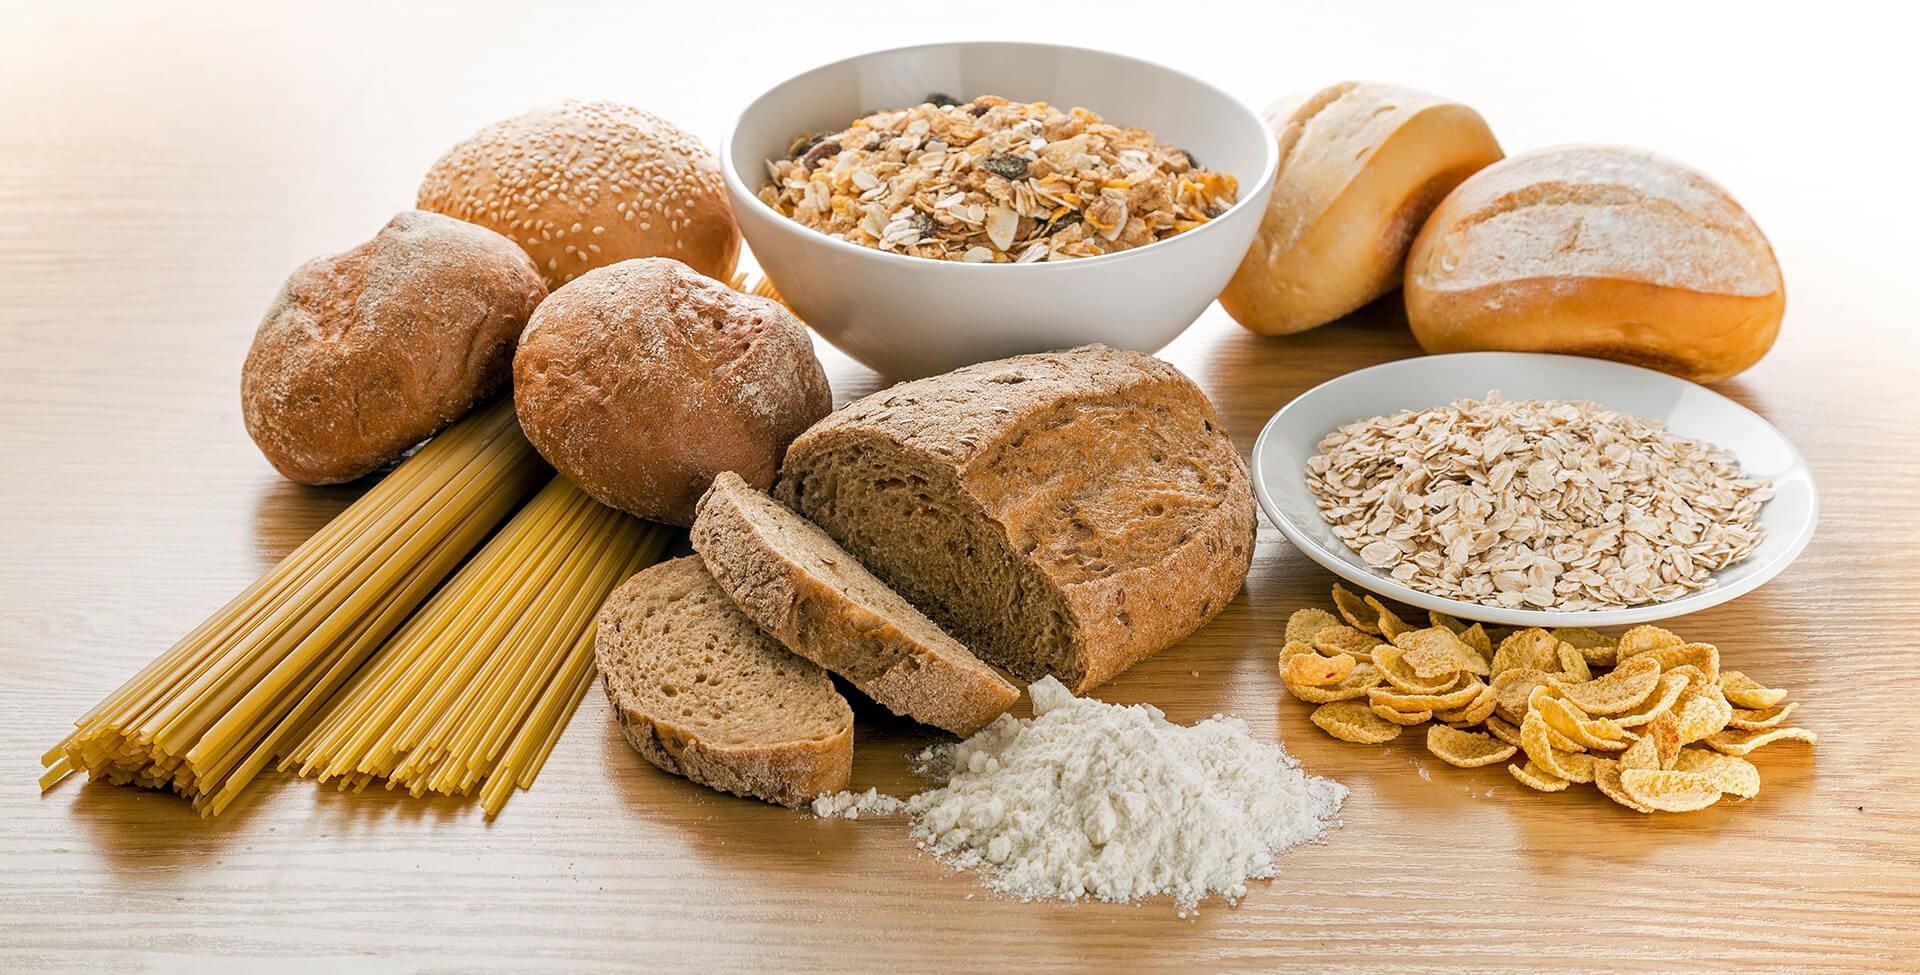 Pães e massas contém glúten